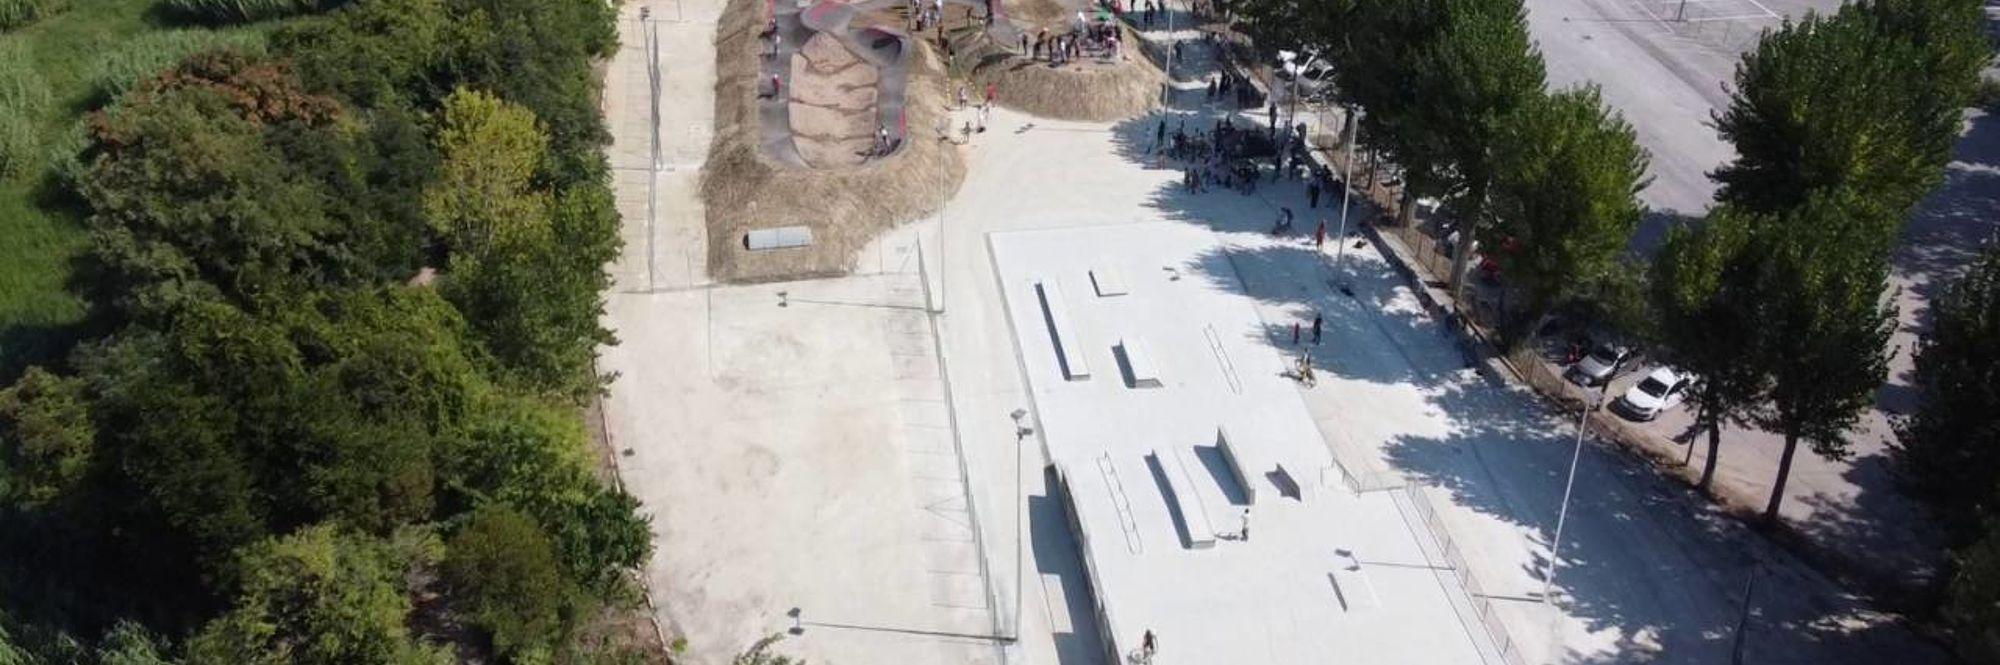 Foto dall'alto degli impianti sportivi di Via dell'Acquedotto